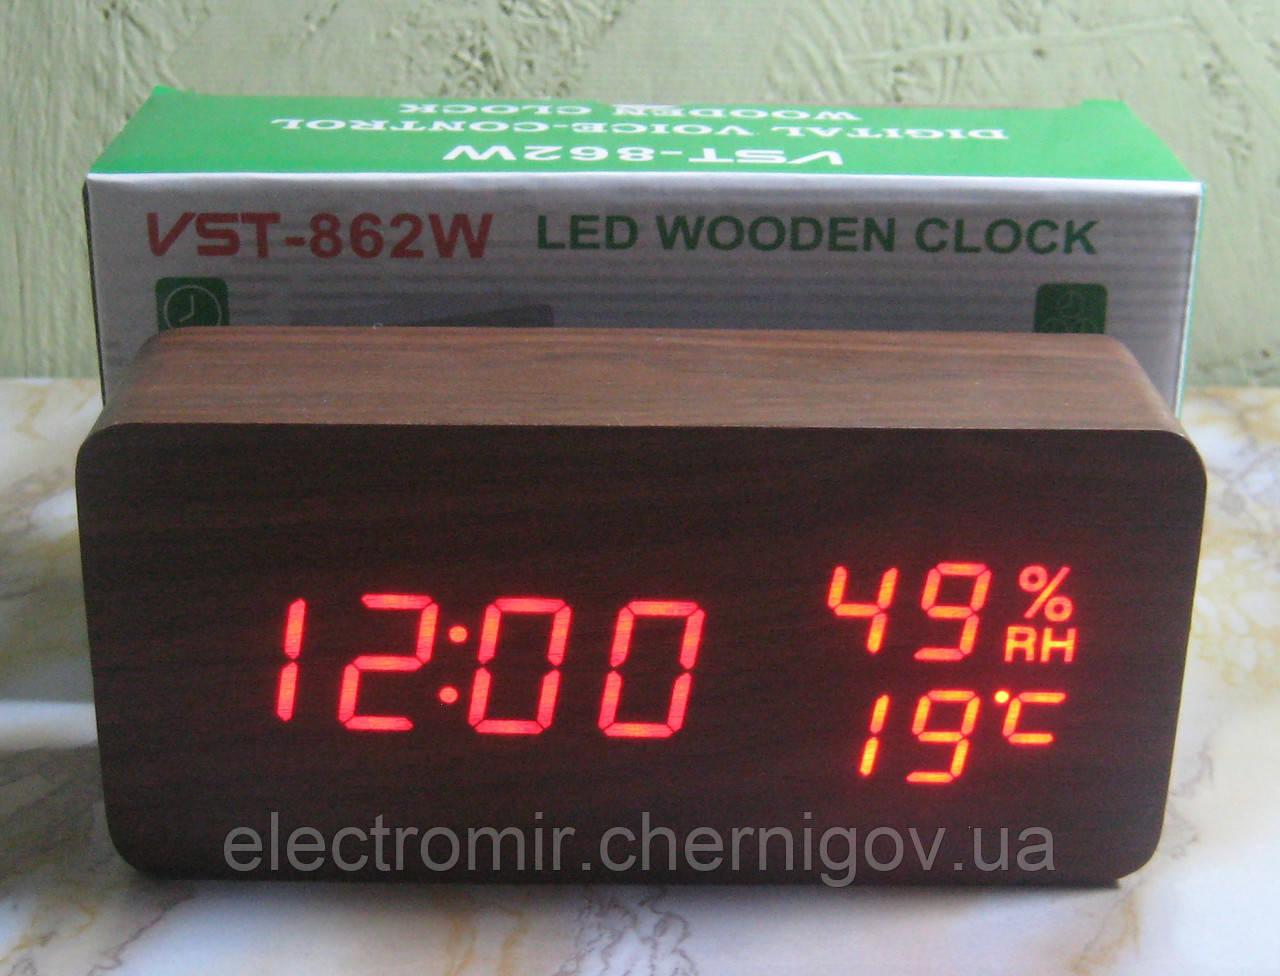 Часы в виде бруска дерева VST-862W (коричневые, красная подсветка)